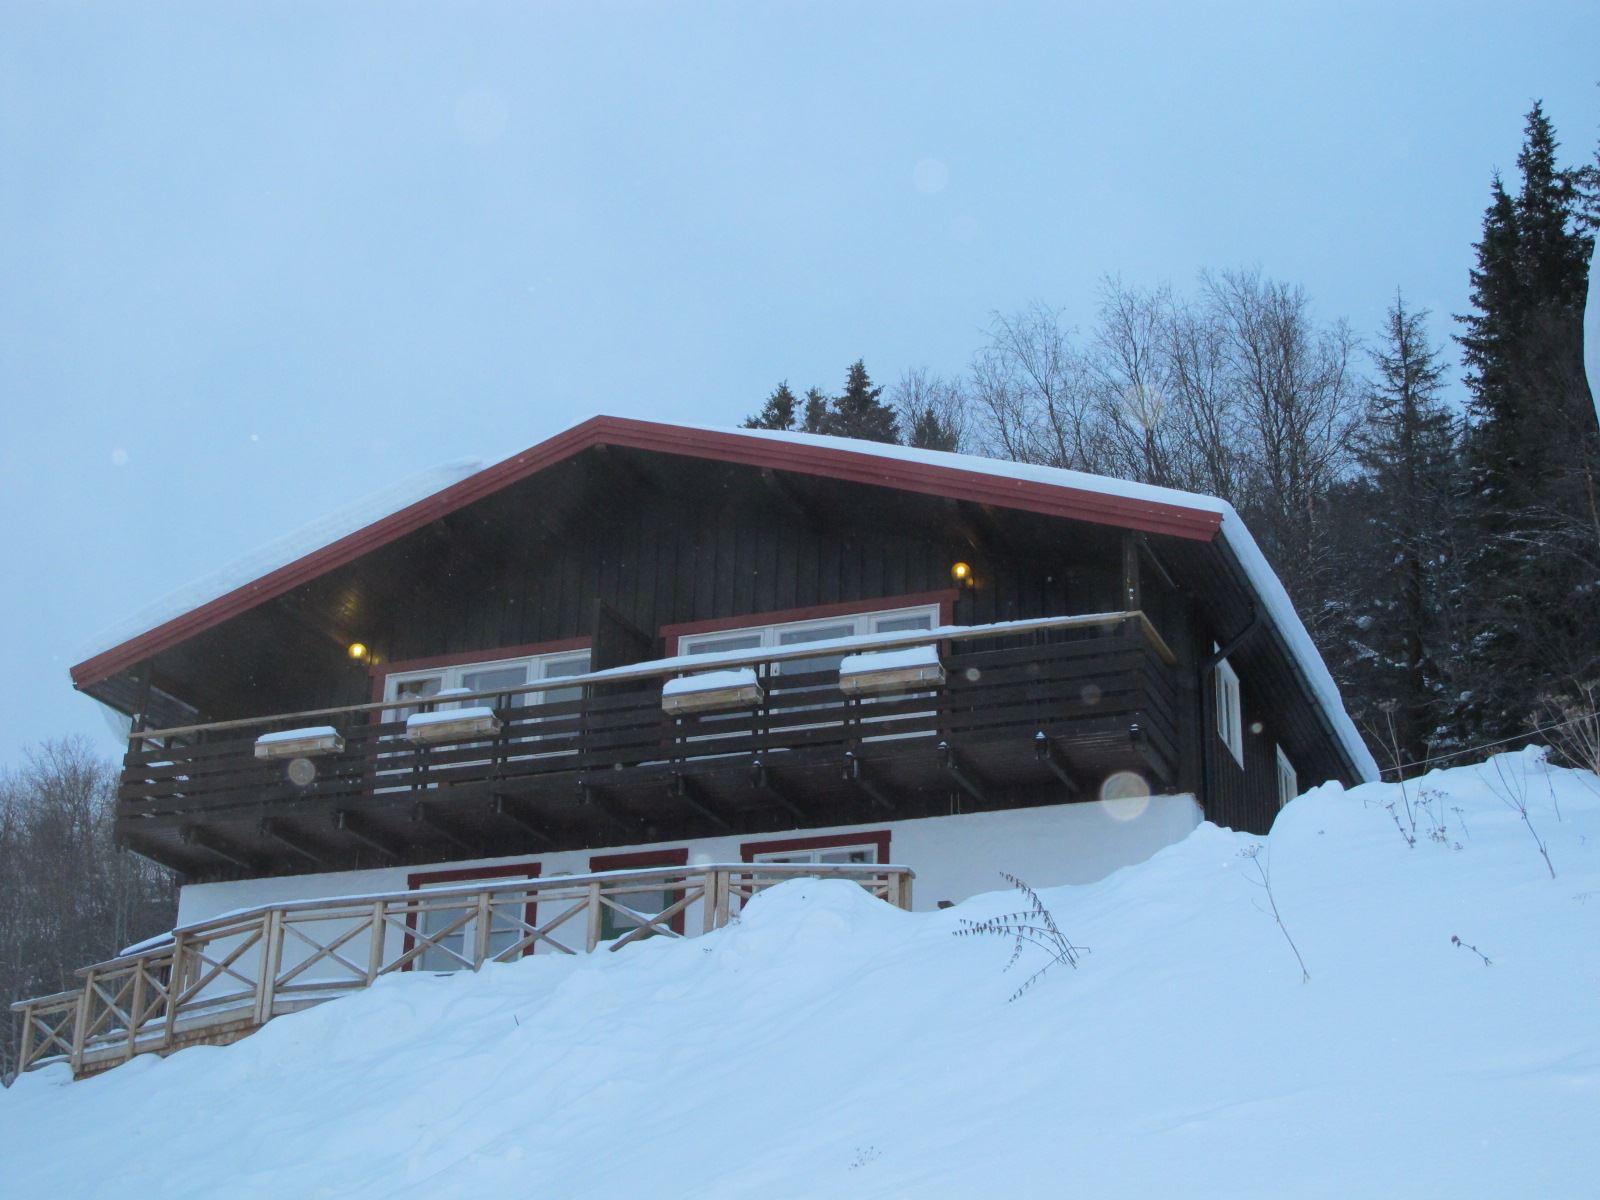 Slalomsvängen